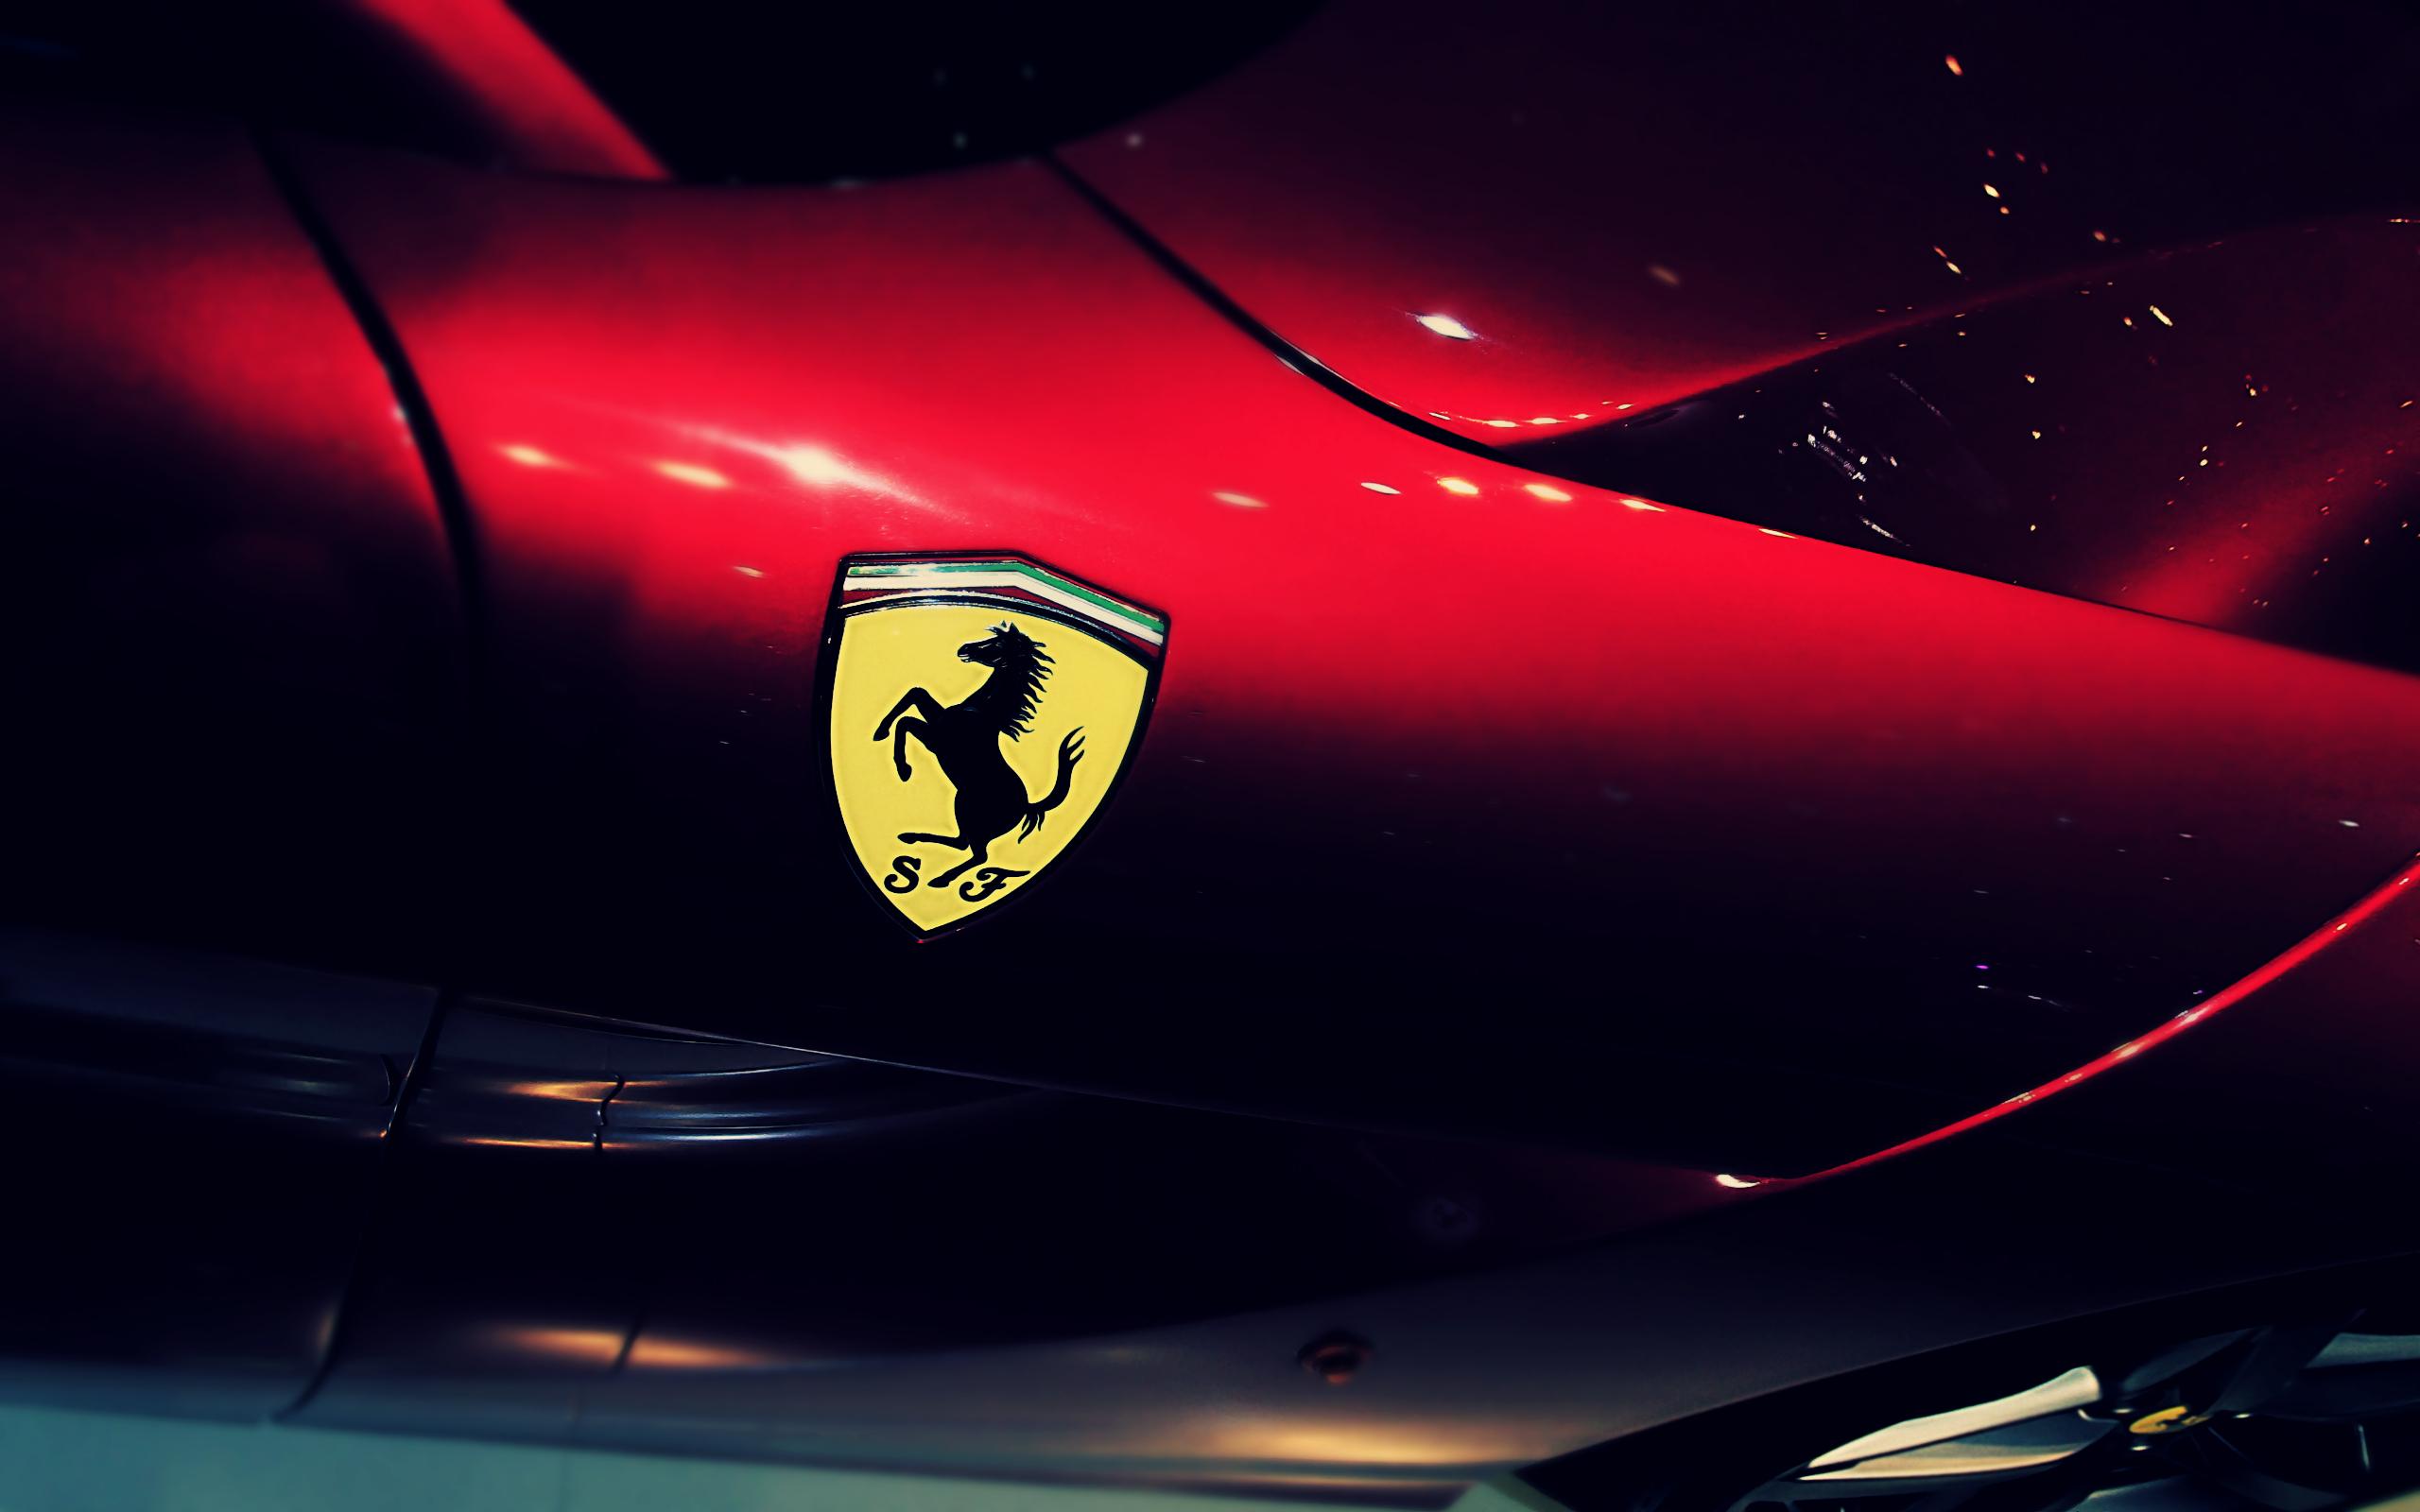 Ferrari hd wallpaper background image 2560x1600 id - Ferrari hd wallpapers free download ...